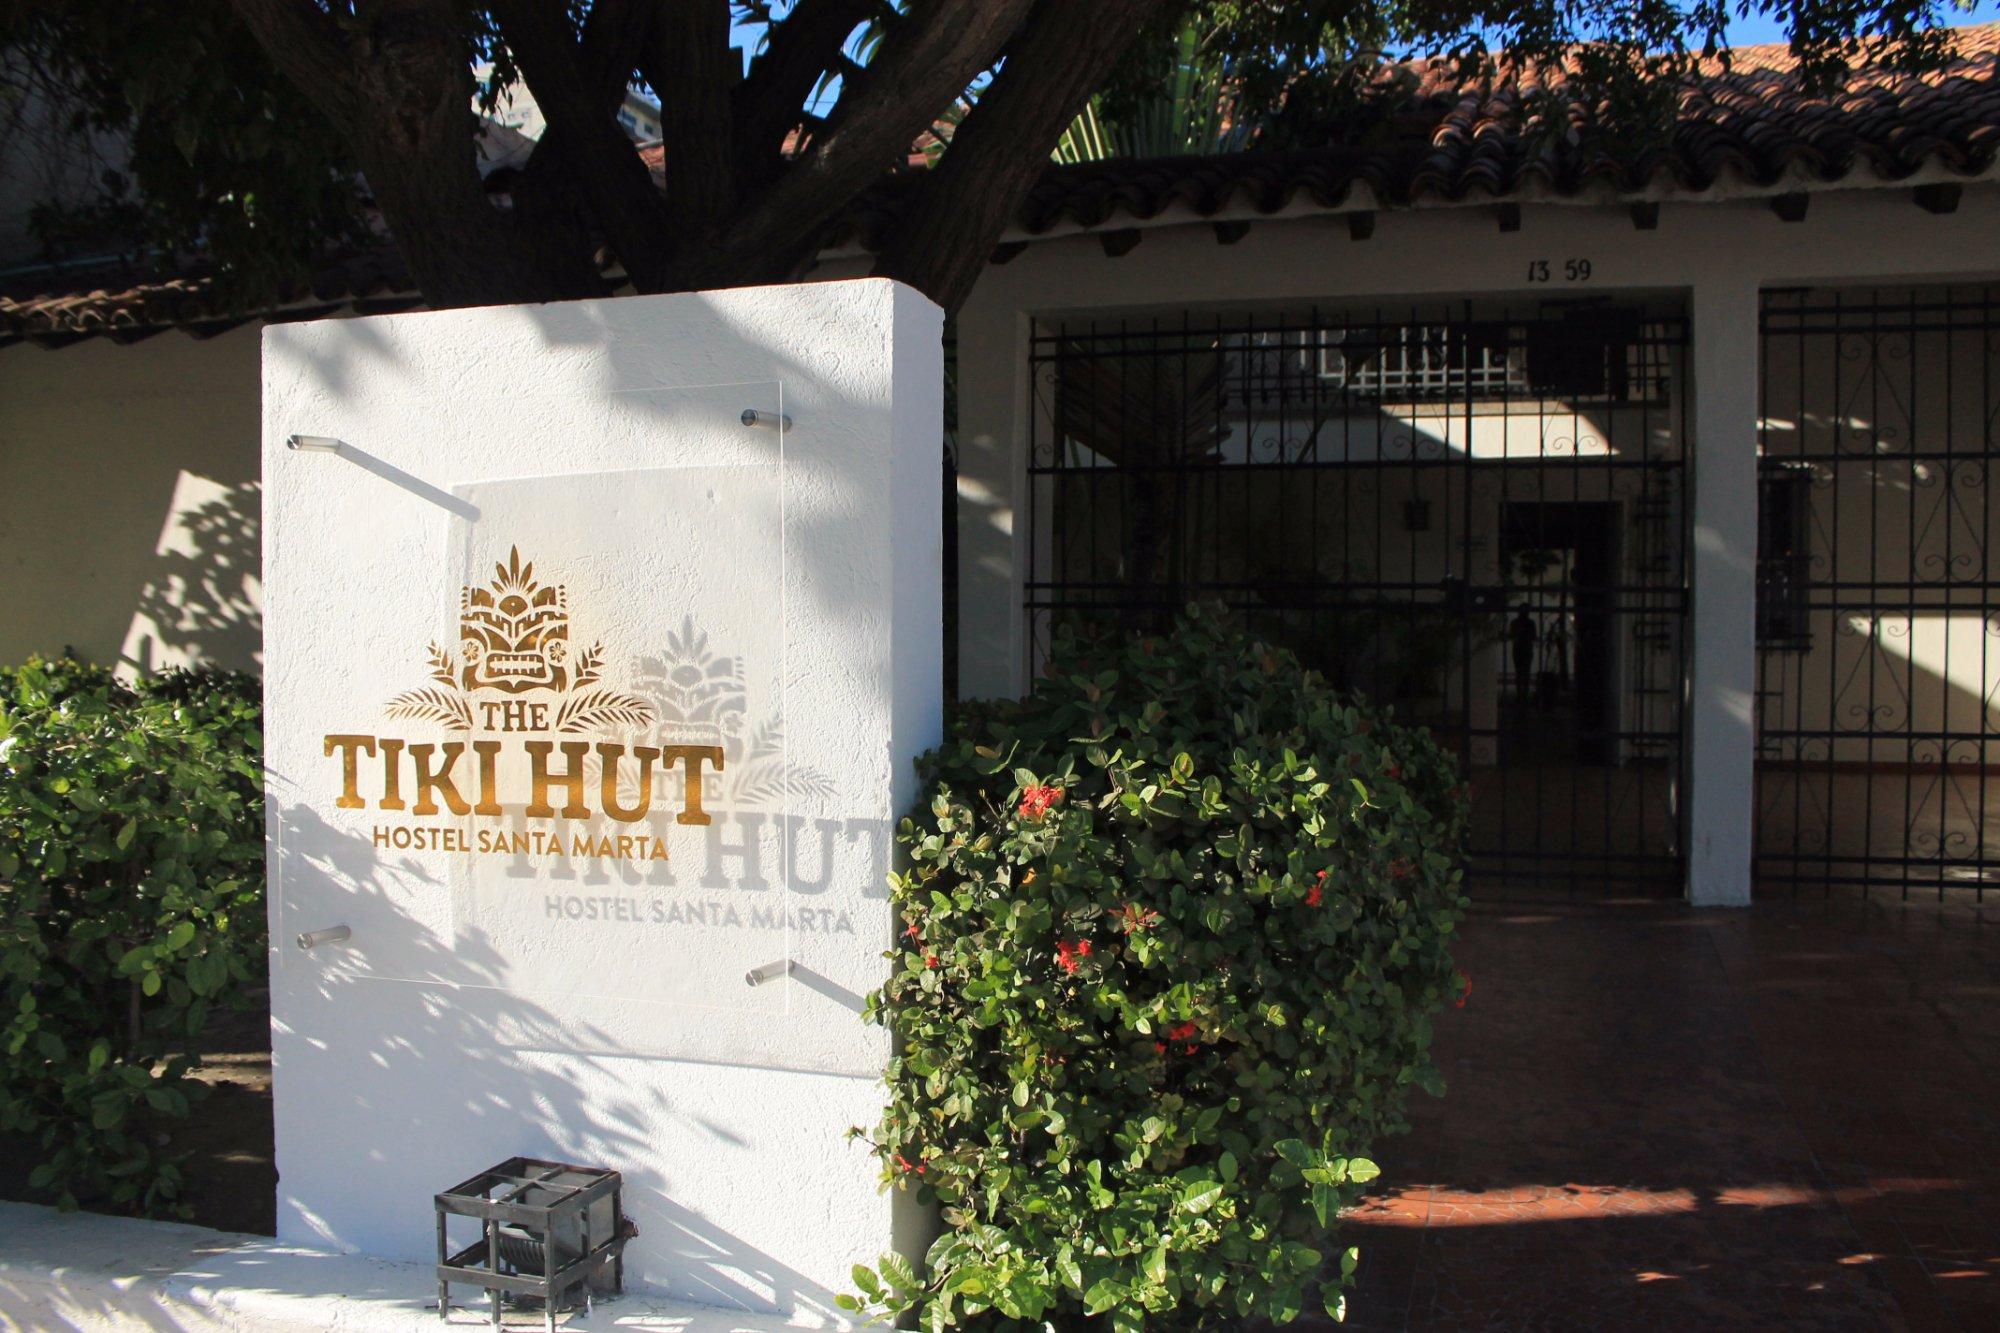 Tiki Hut Santa Marta Hostel